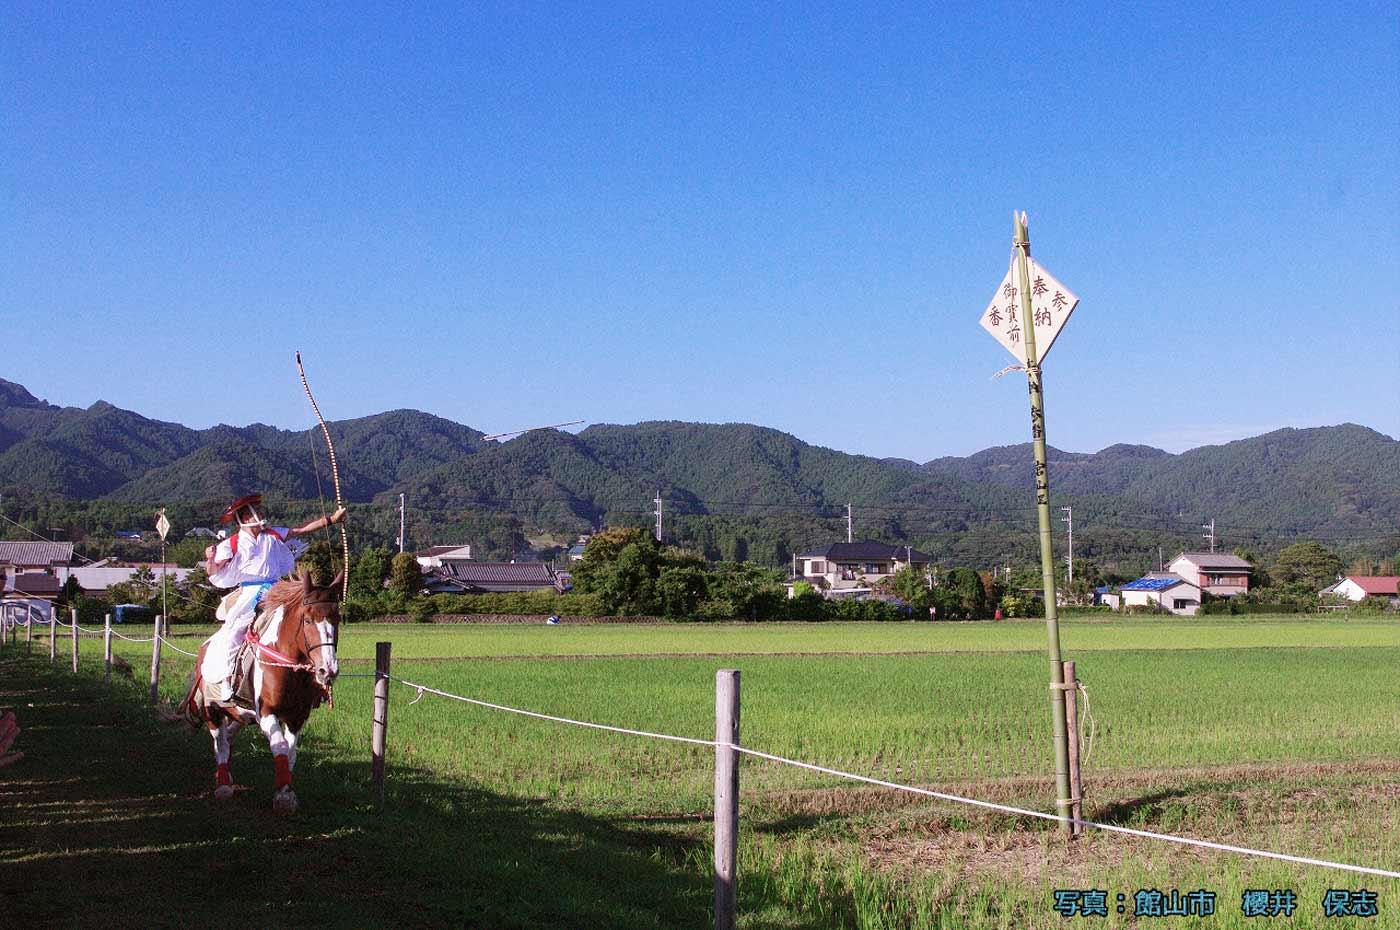 吉保八幡神社の流鏑馬の様子